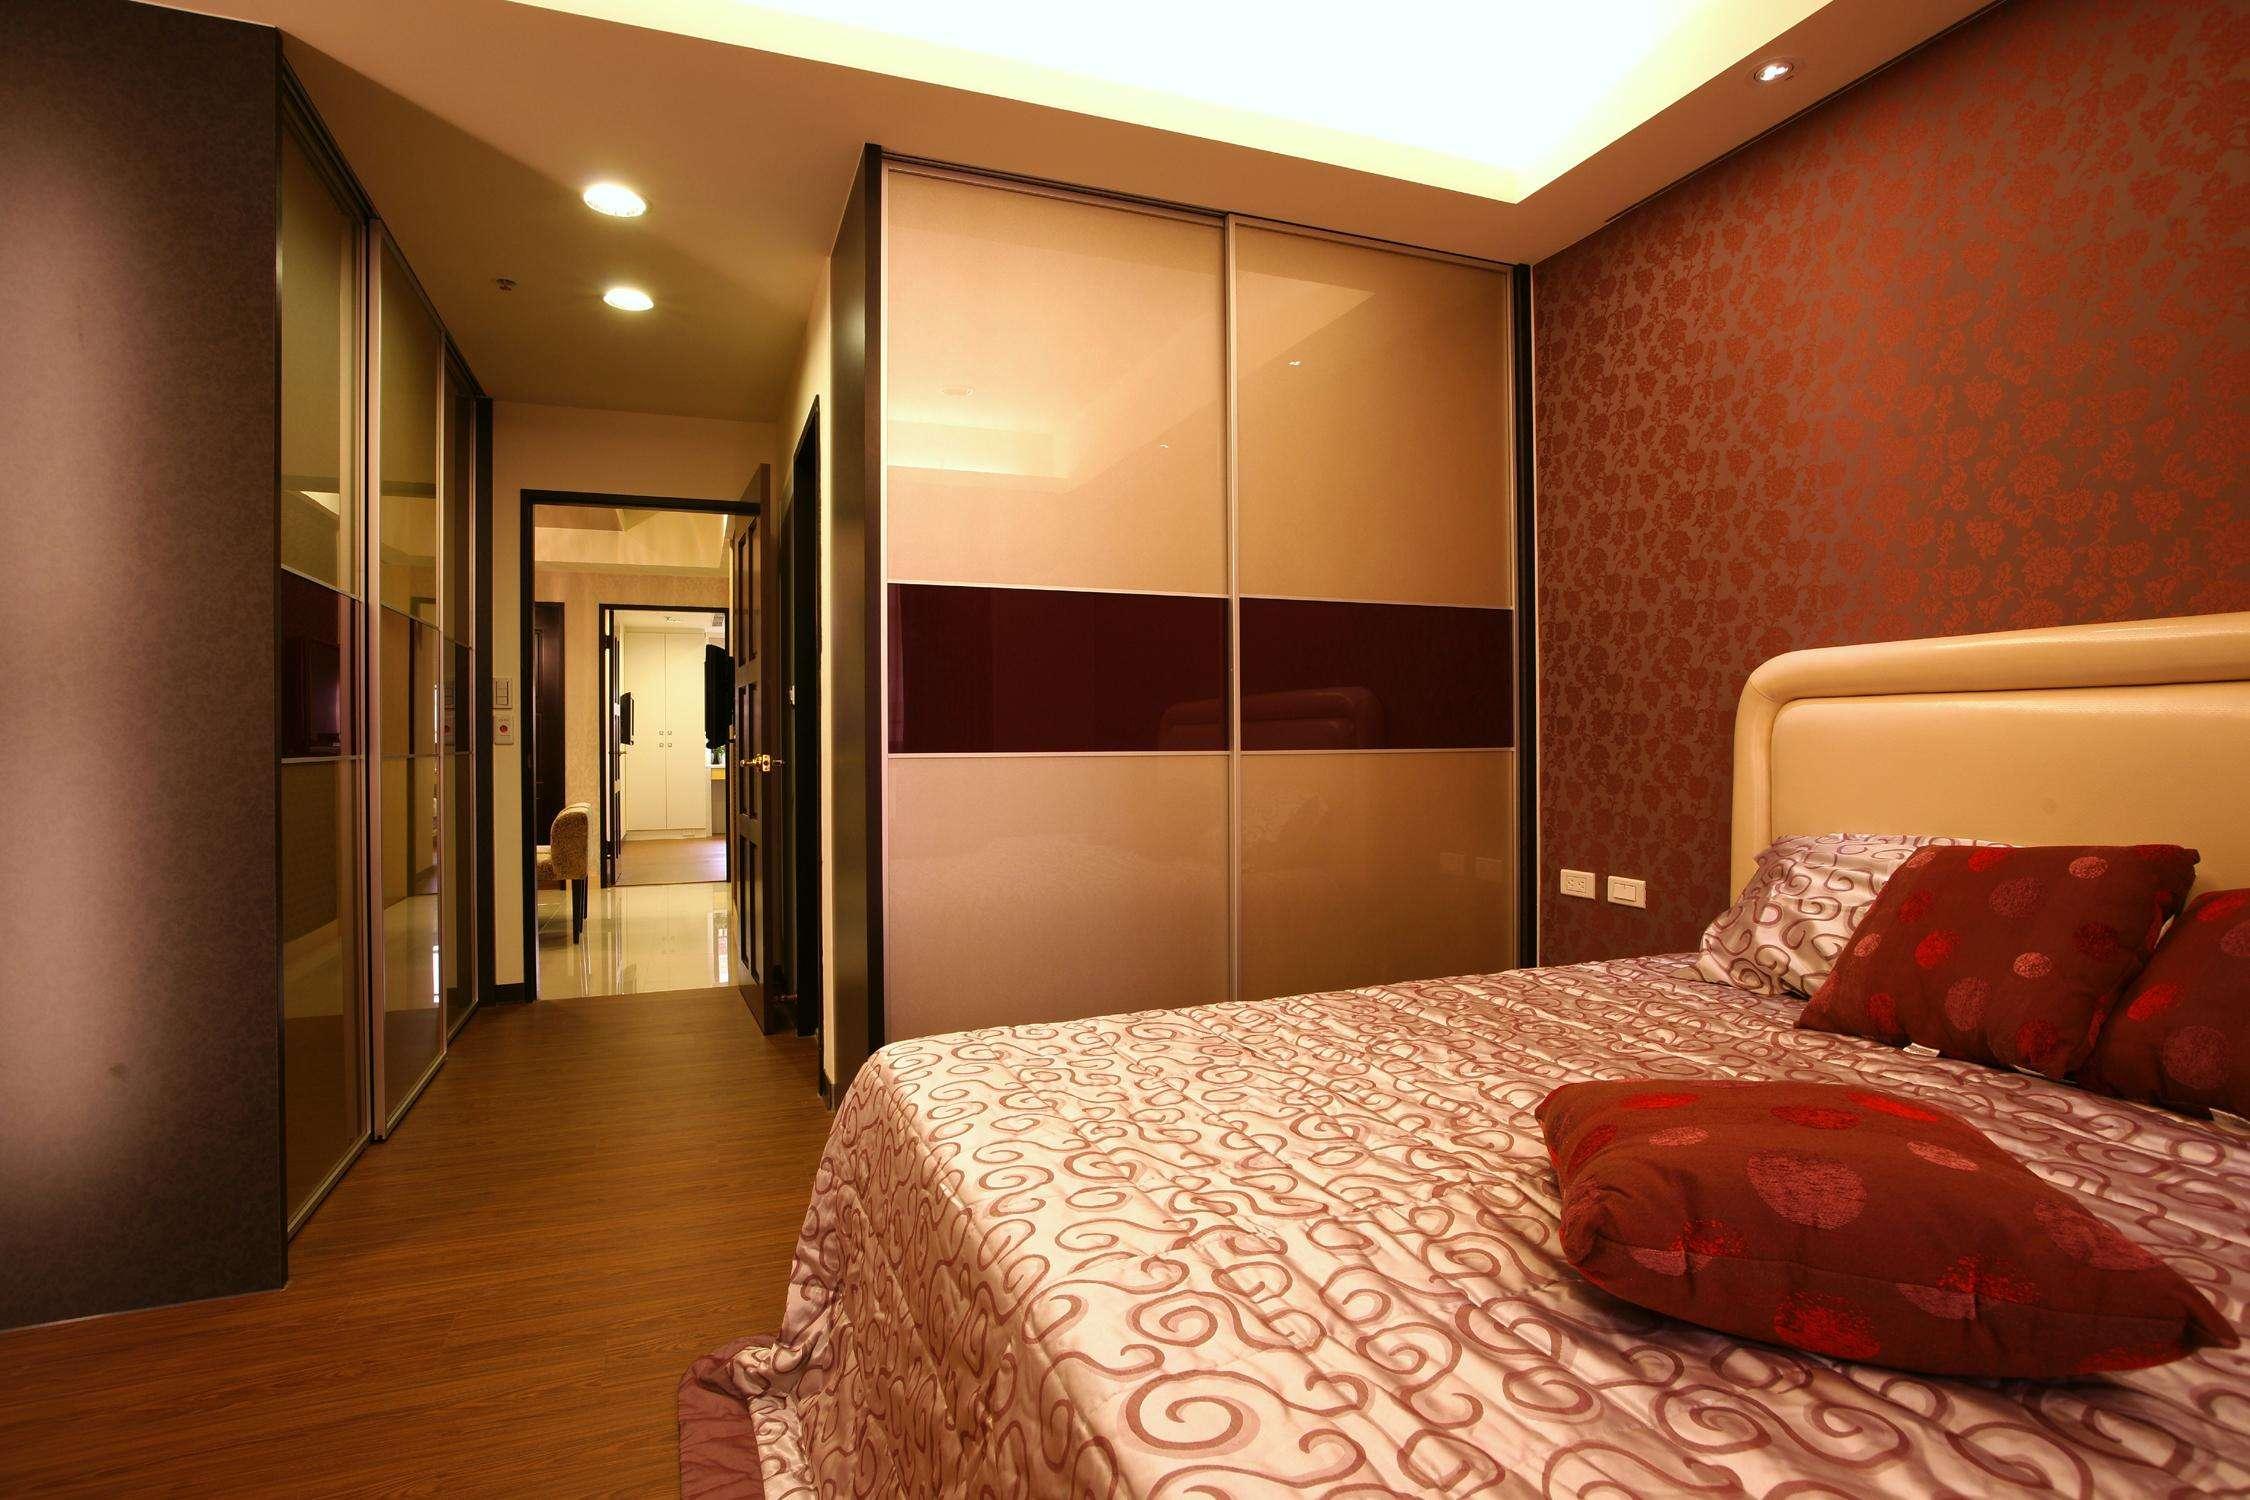 温馨复古美式设计卧室过道效果图